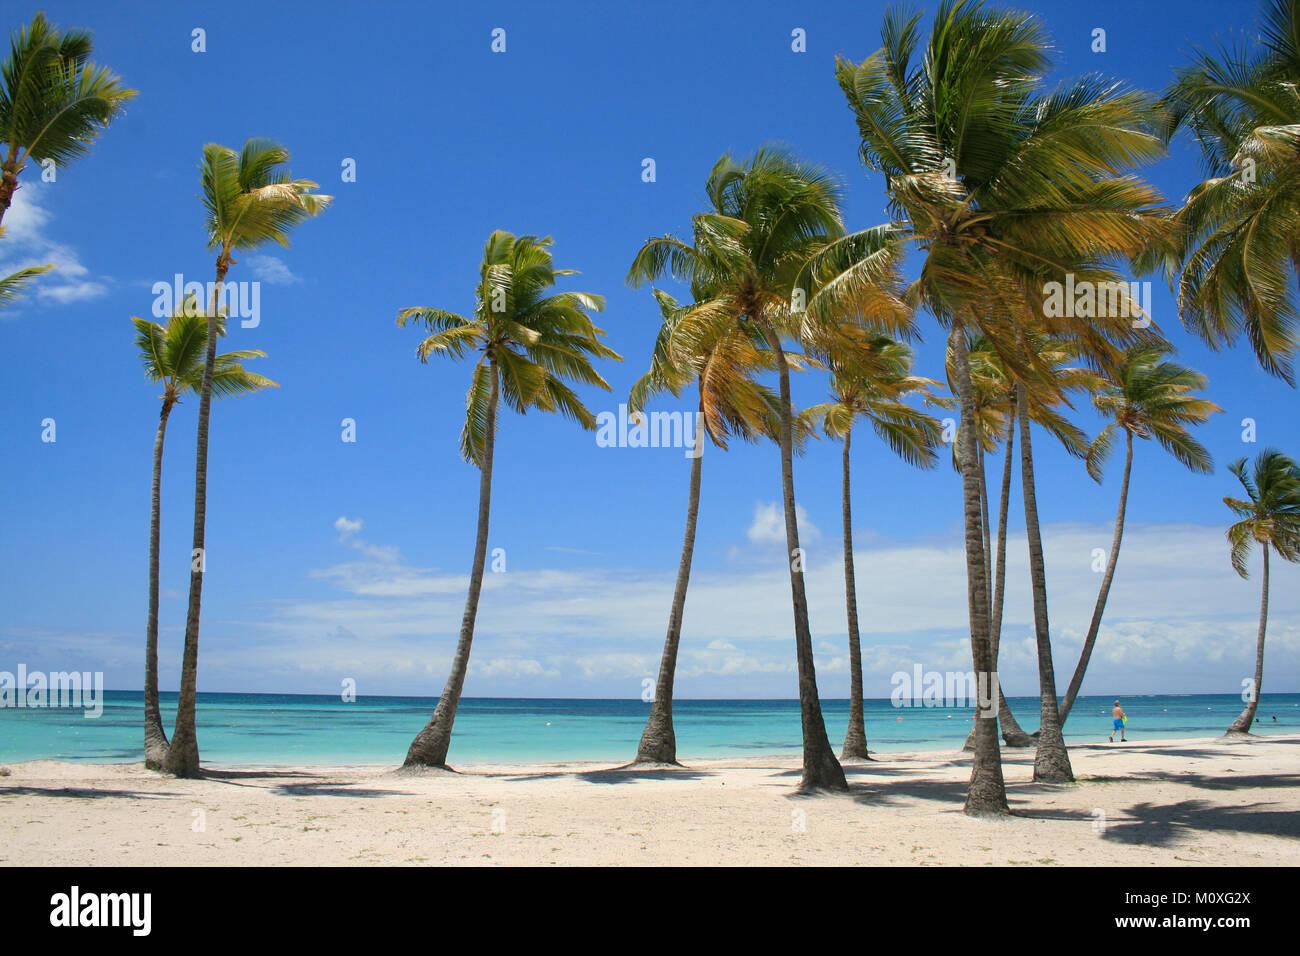 Caribe playa llena de palmeras en Cap Cana, República Dominicana Imagen De Stock